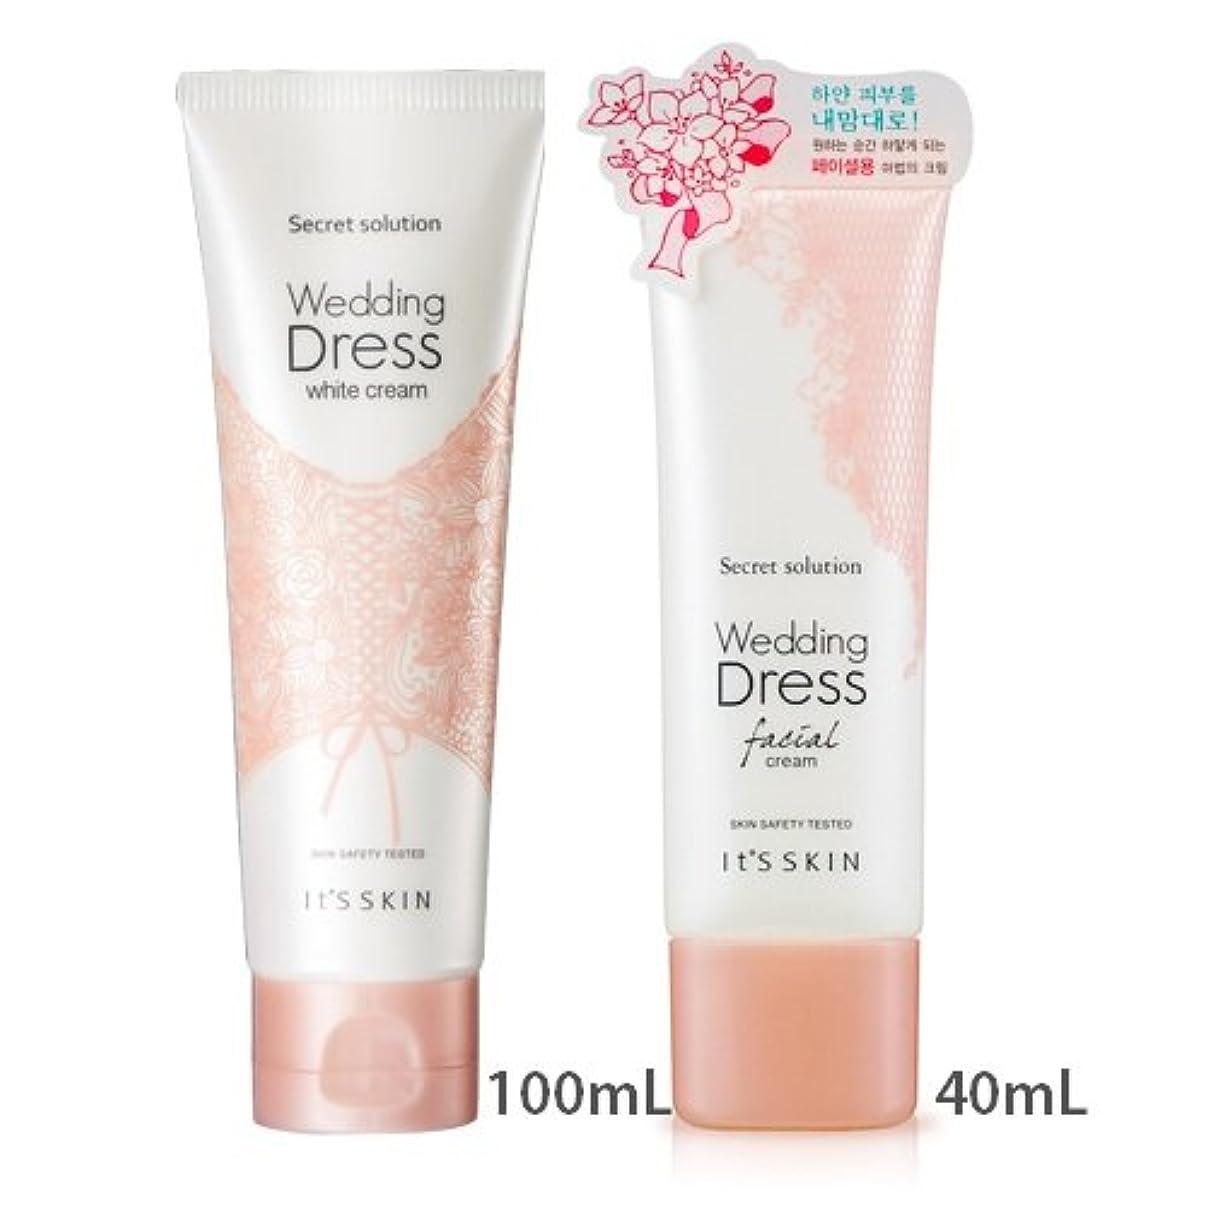 移行特にスモッグ[1+1] It's skin Secret Solution Wedding Dress Facial Cream 40mL + Secret Solution Wedding Dress Cream 100mL イッツスキン...